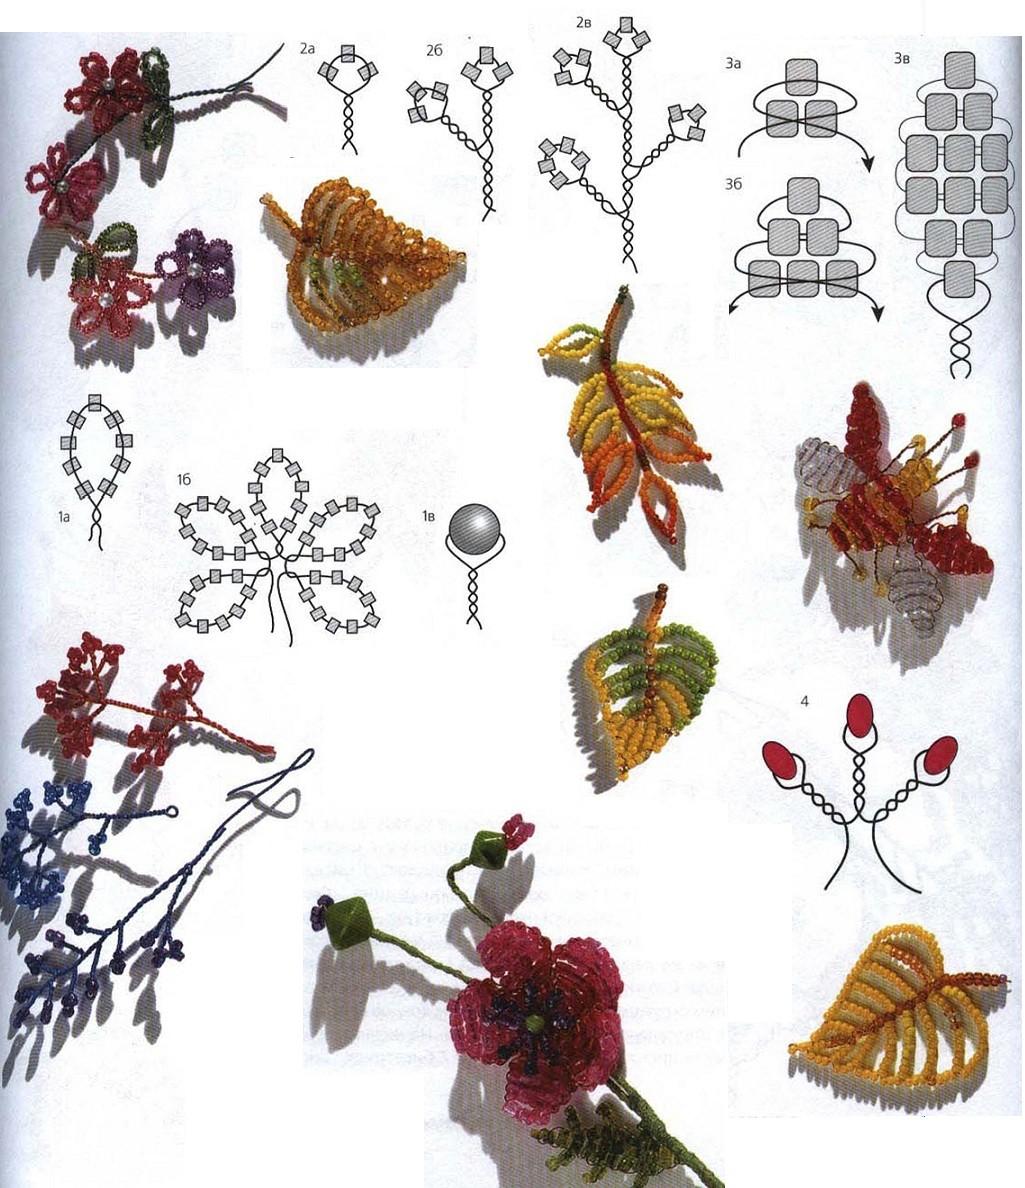 Браслеты из бисера своими руками фото схемы